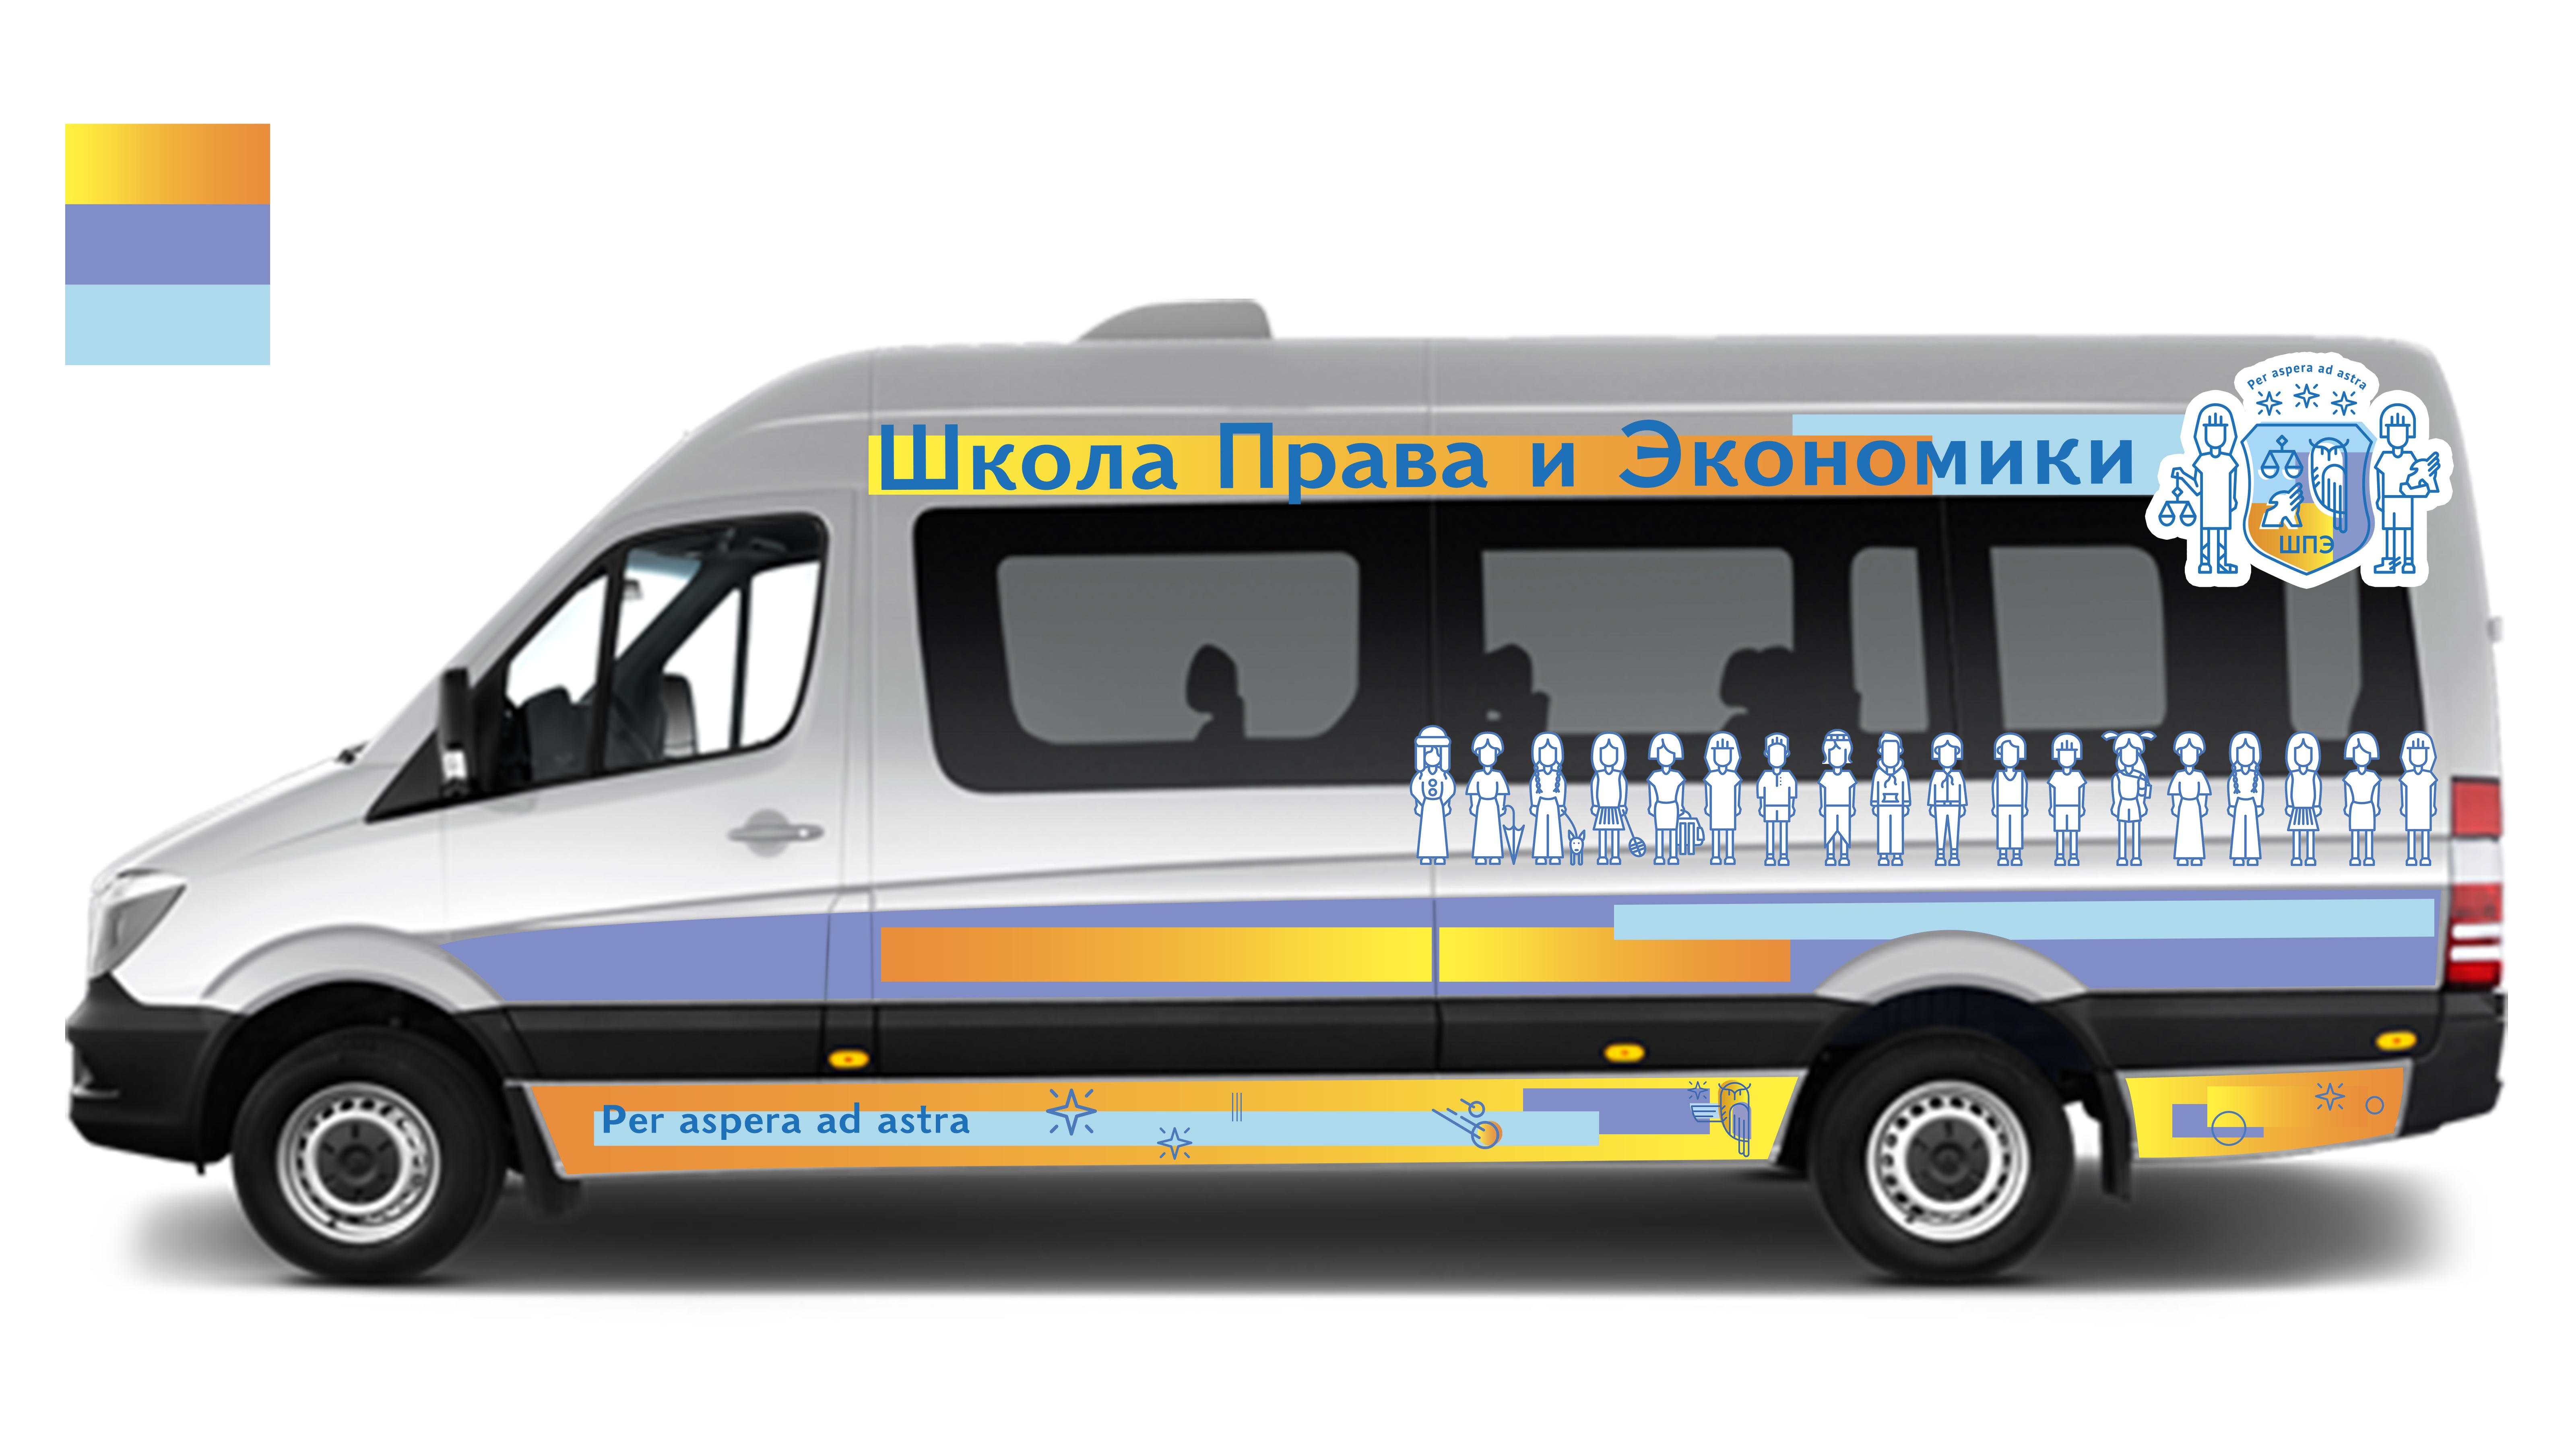 Дизайн оклейки школьного автобуса фото f_7295d01674398876.jpg